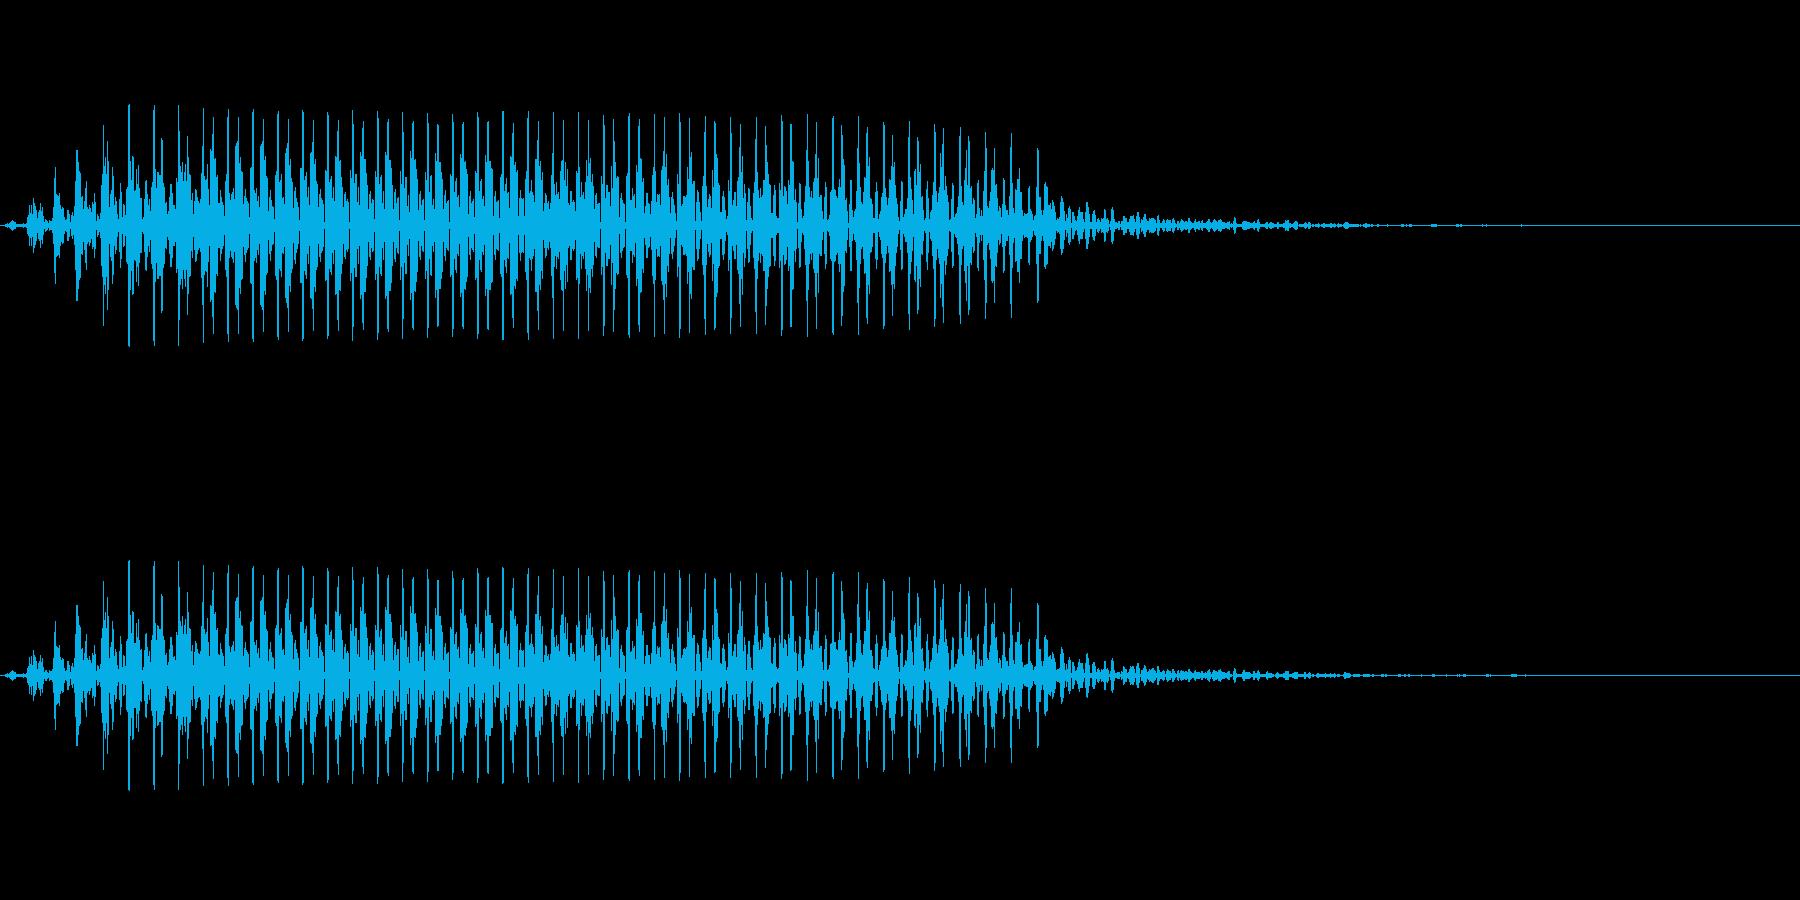 【SE 効果音】効果音その4の再生済みの波形